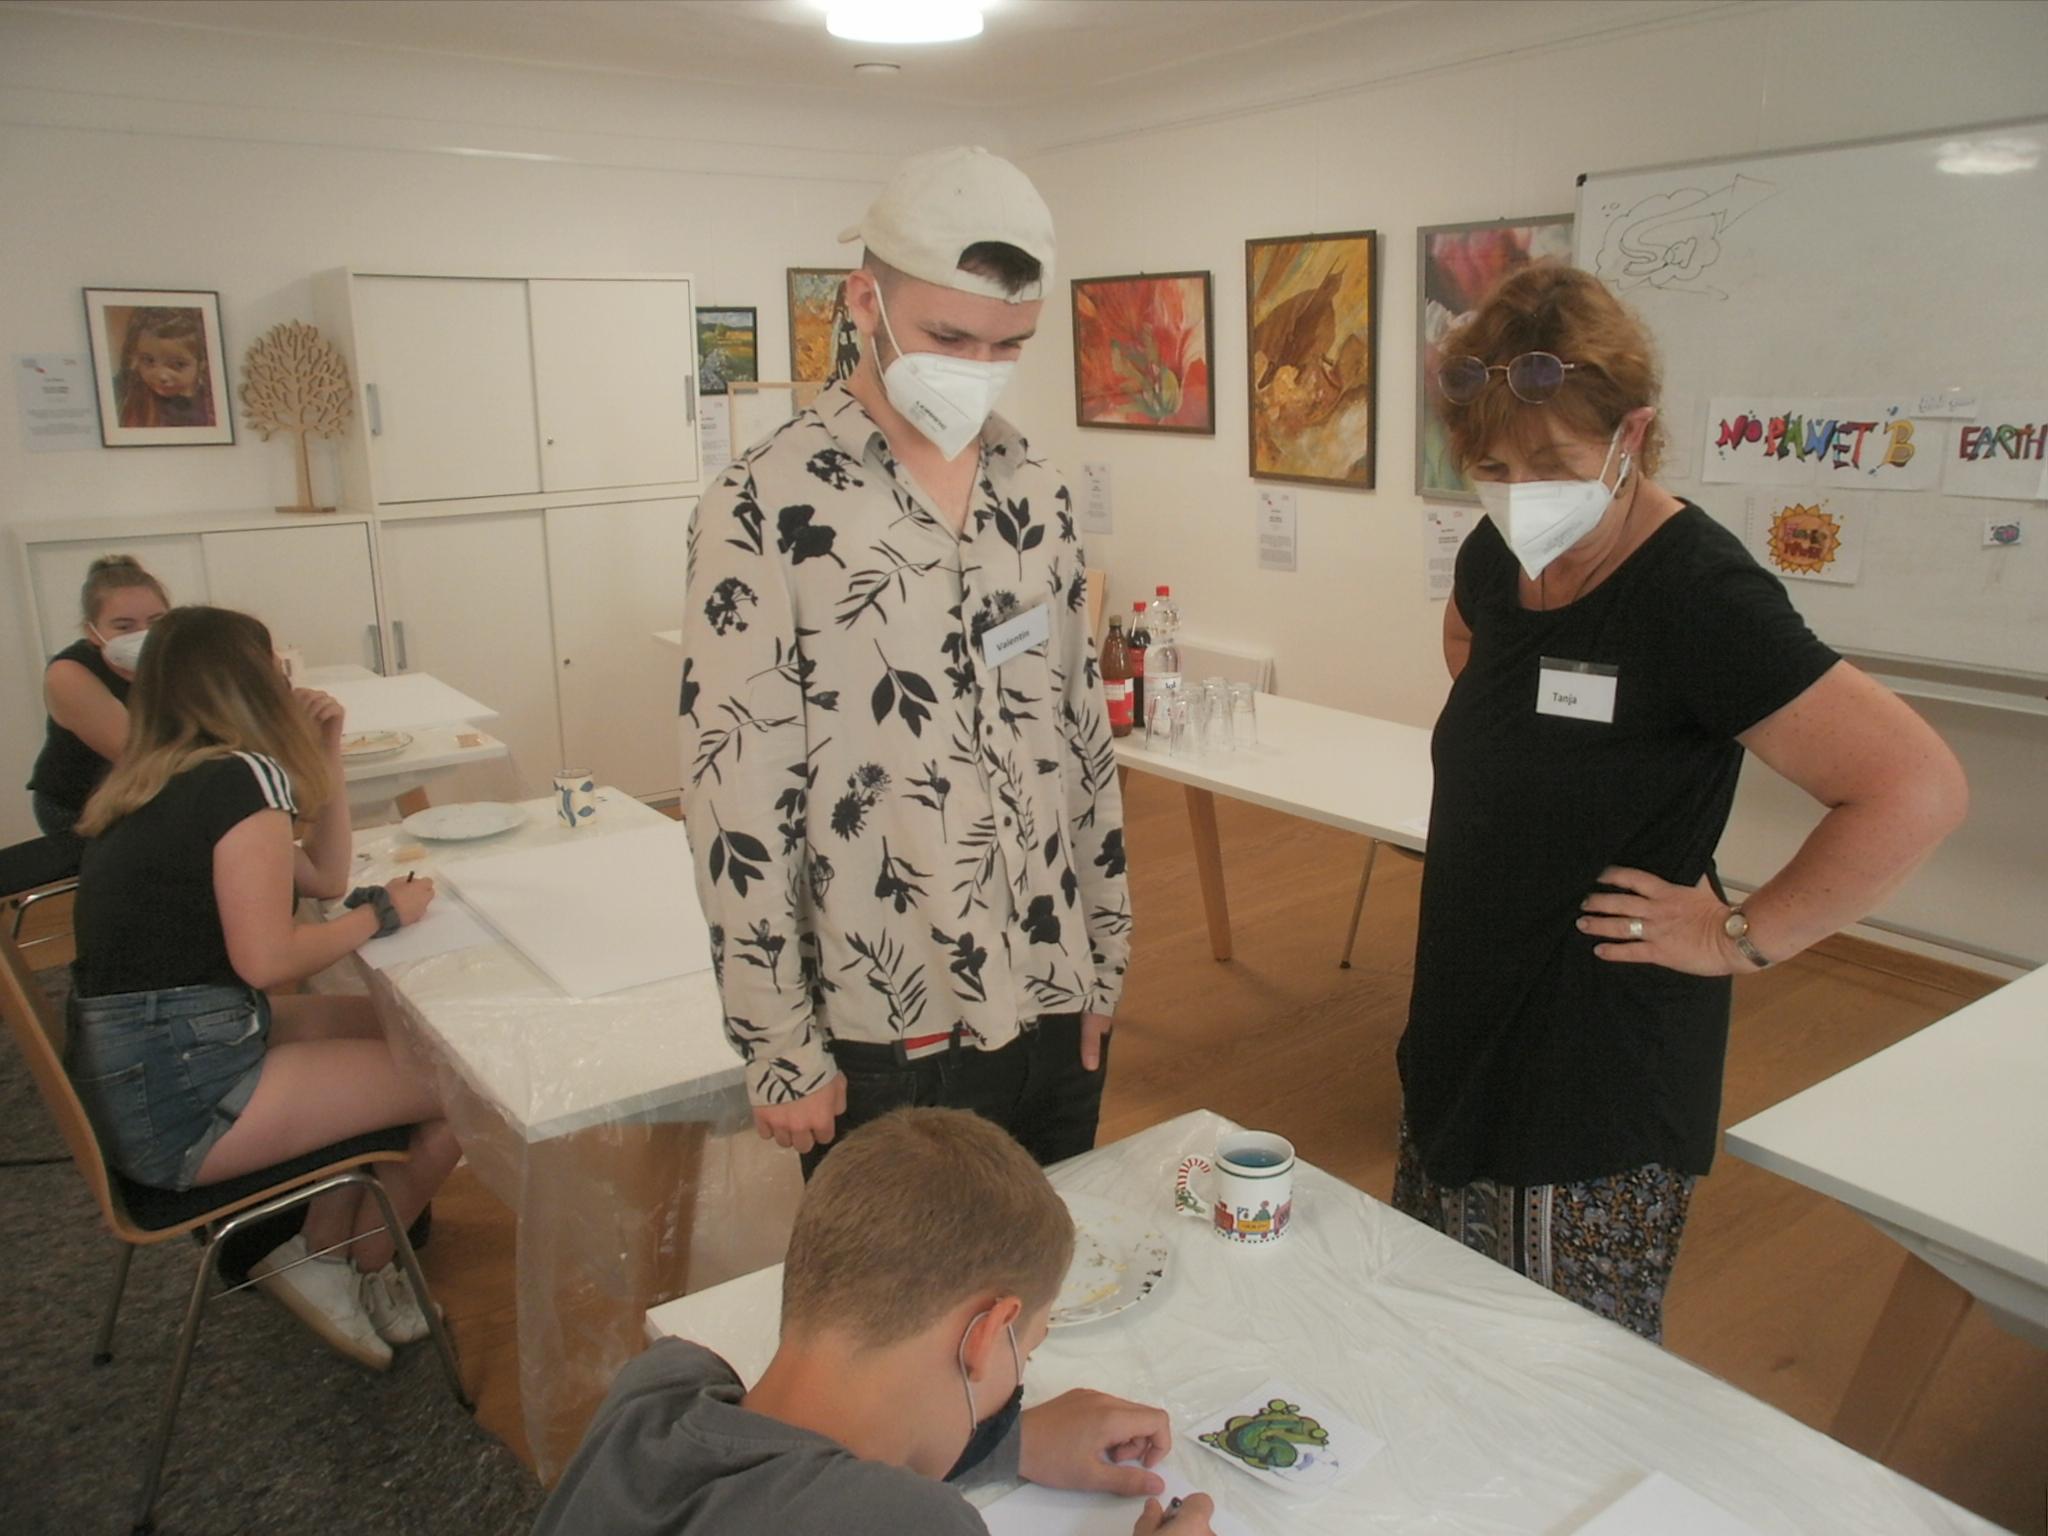 Die Workshop-Leiter Tanja und Valentin Lennert standen den Jugendlichen mit Rat und Tat zur Seite.